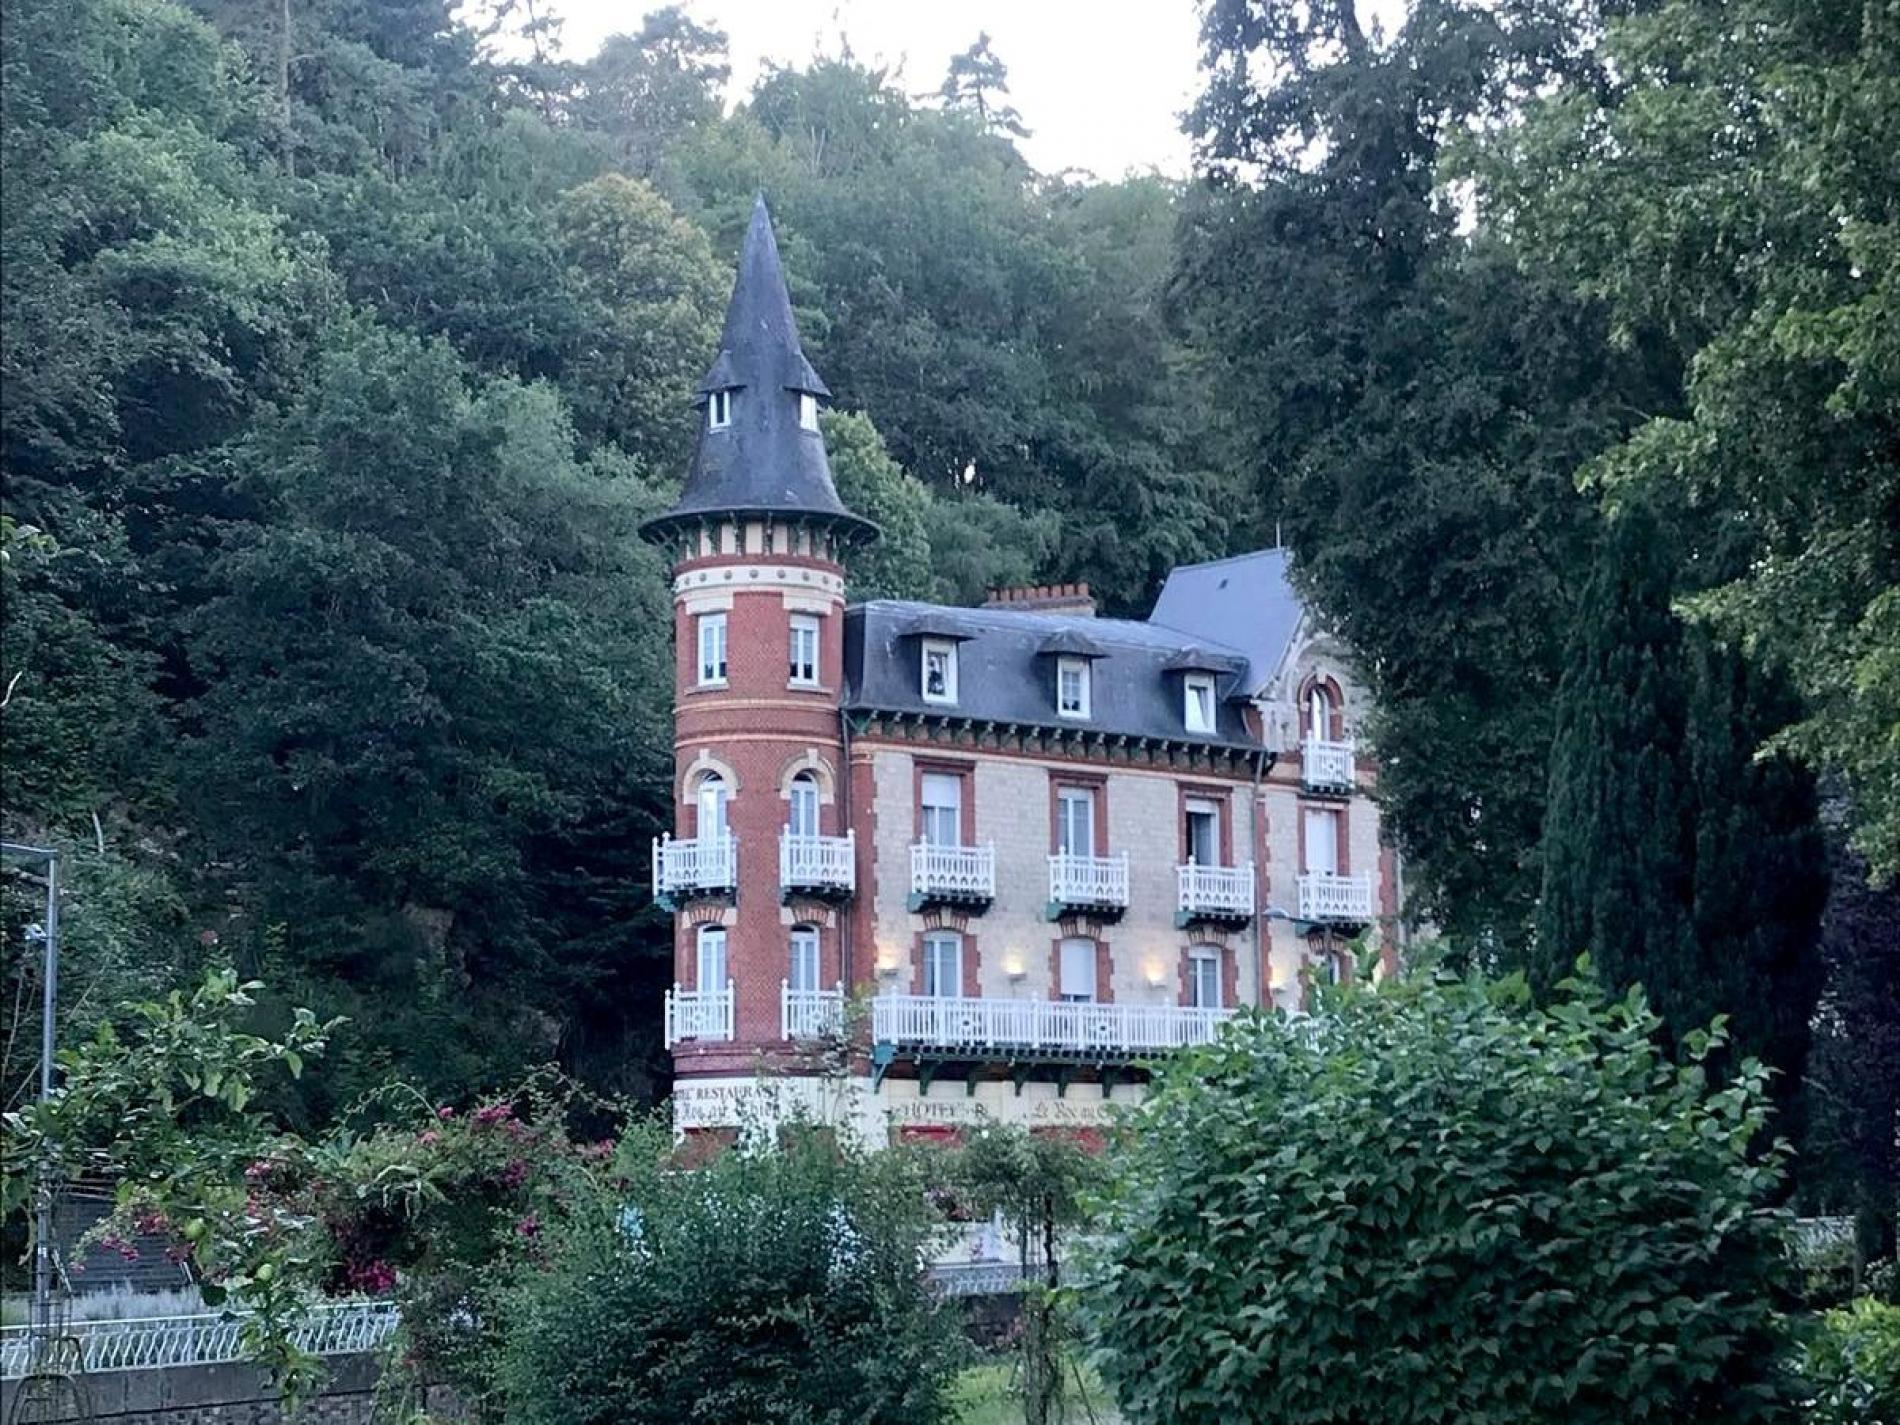 Logis hôtel Le Roc au Chien à proximité des thermes à Bagnoles-de-l'Orne.